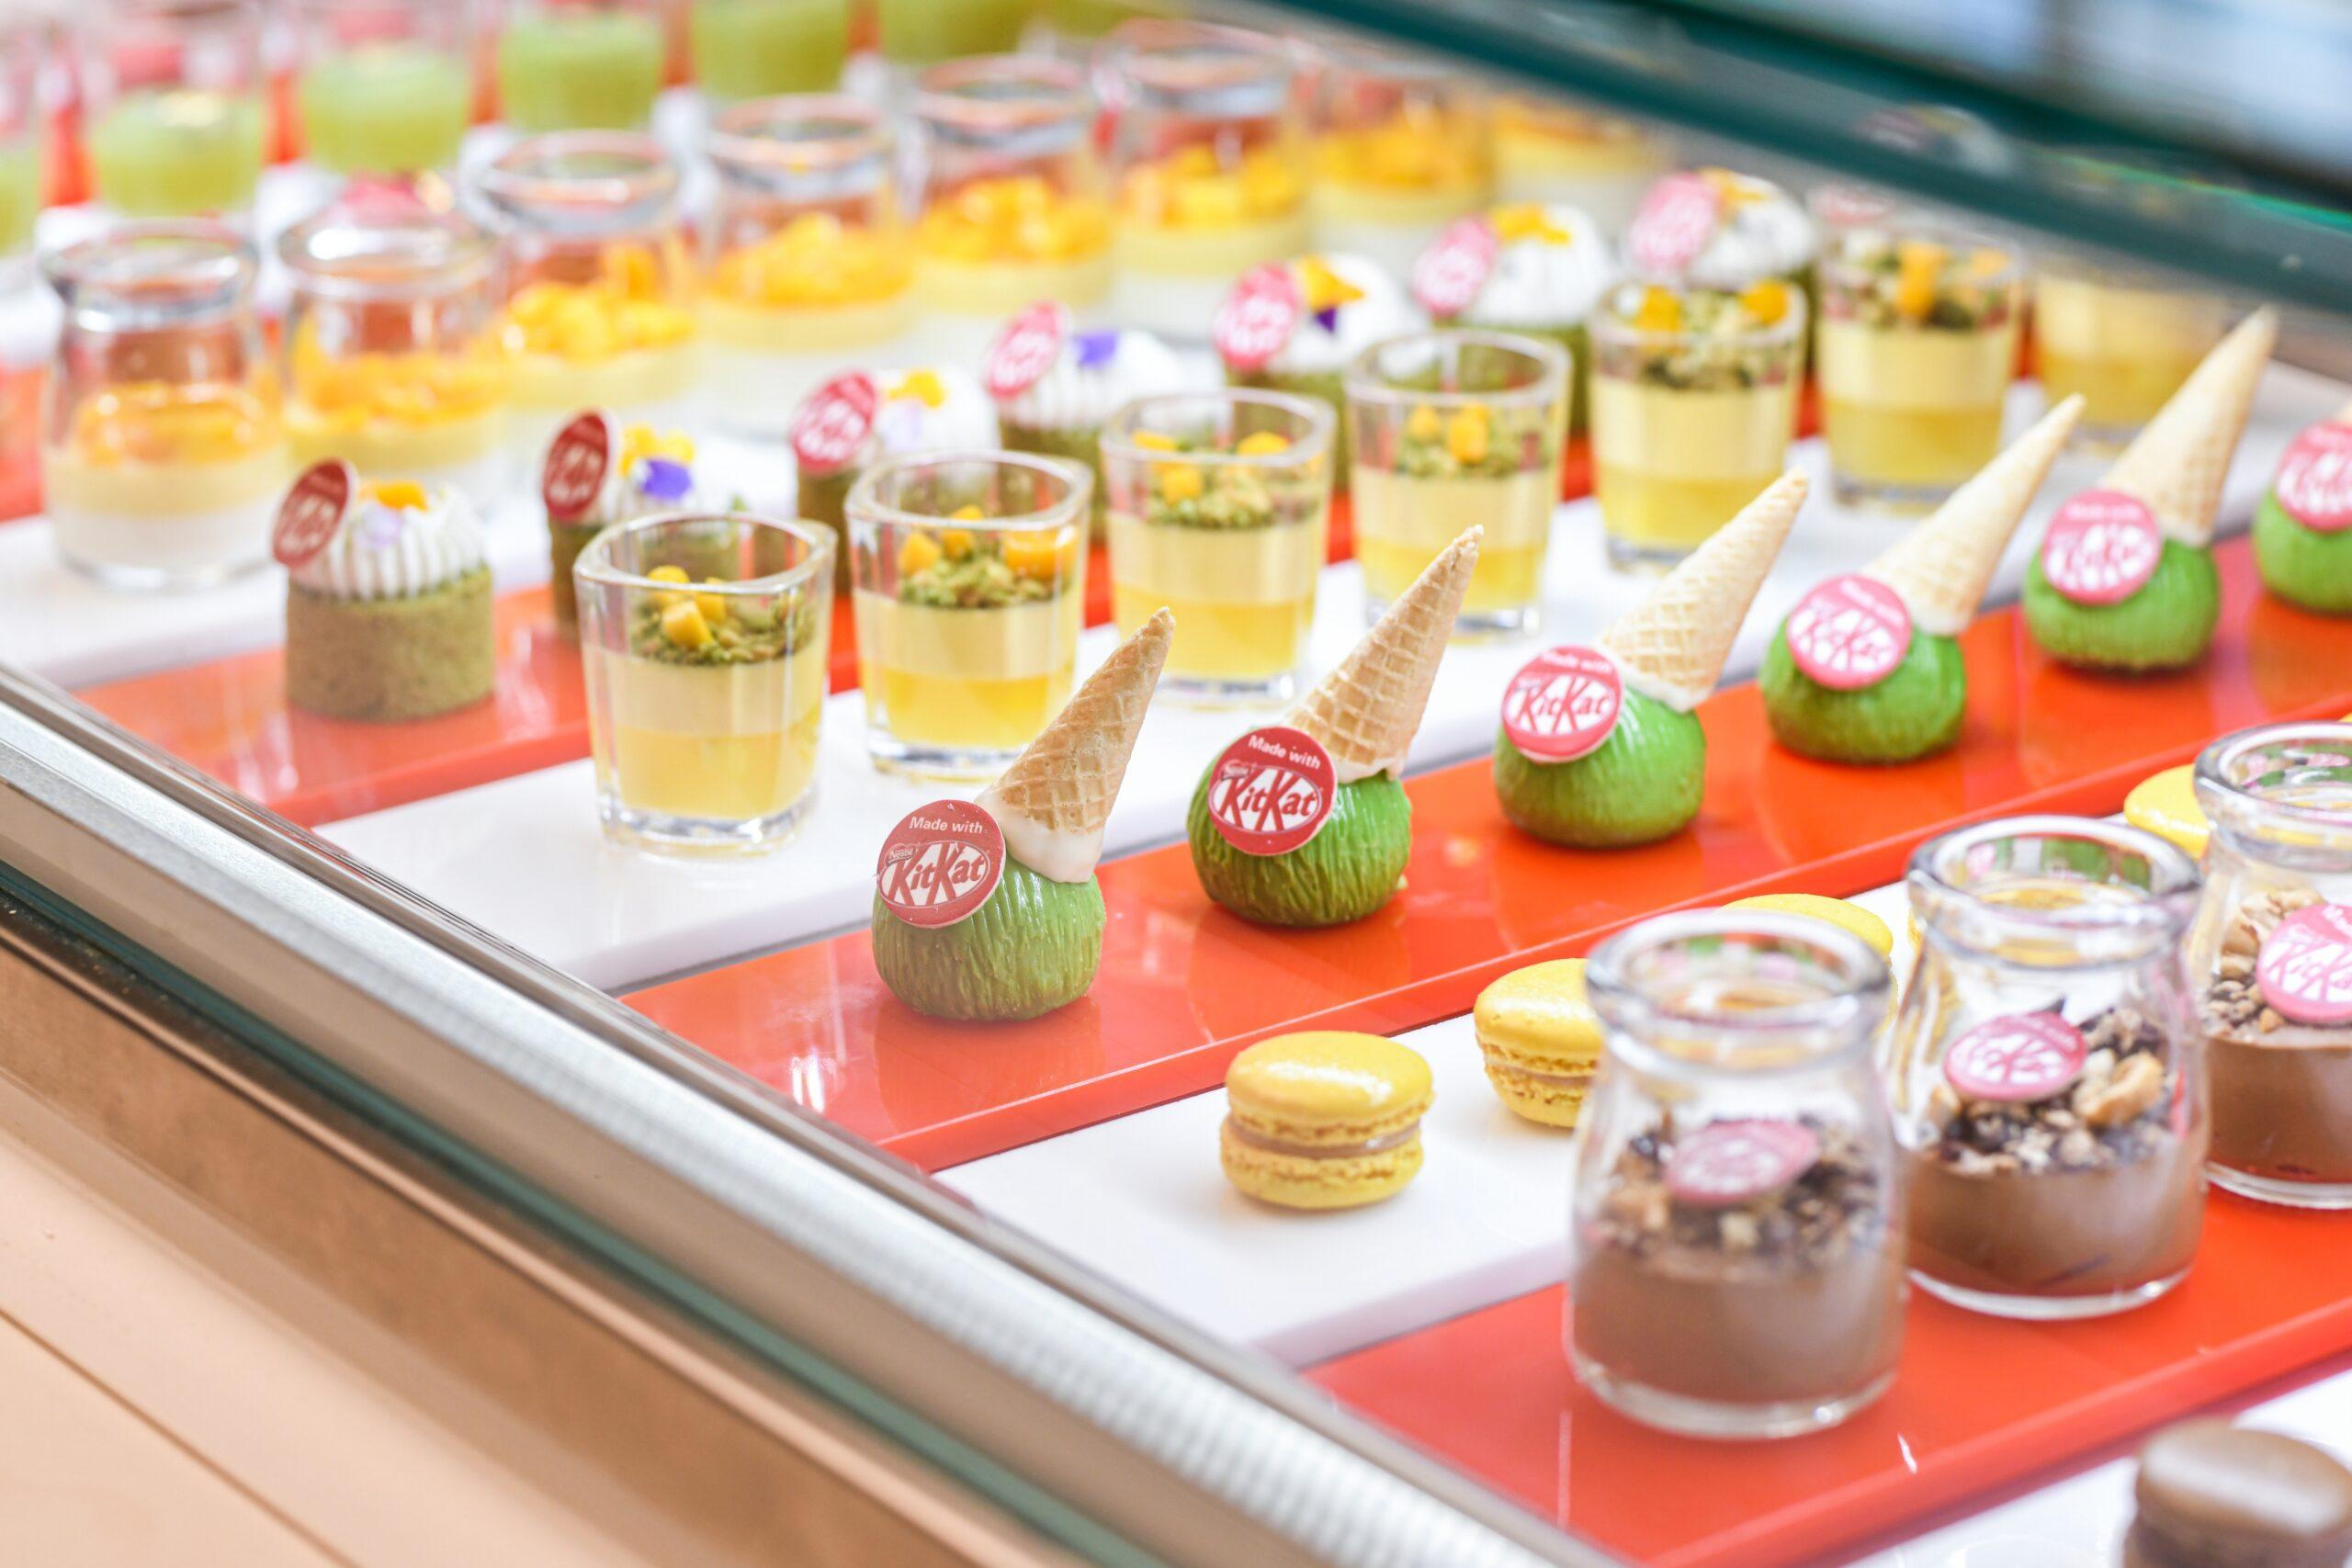 【旺角】康得思酒店自助餐 限定Kit Kat甜品區